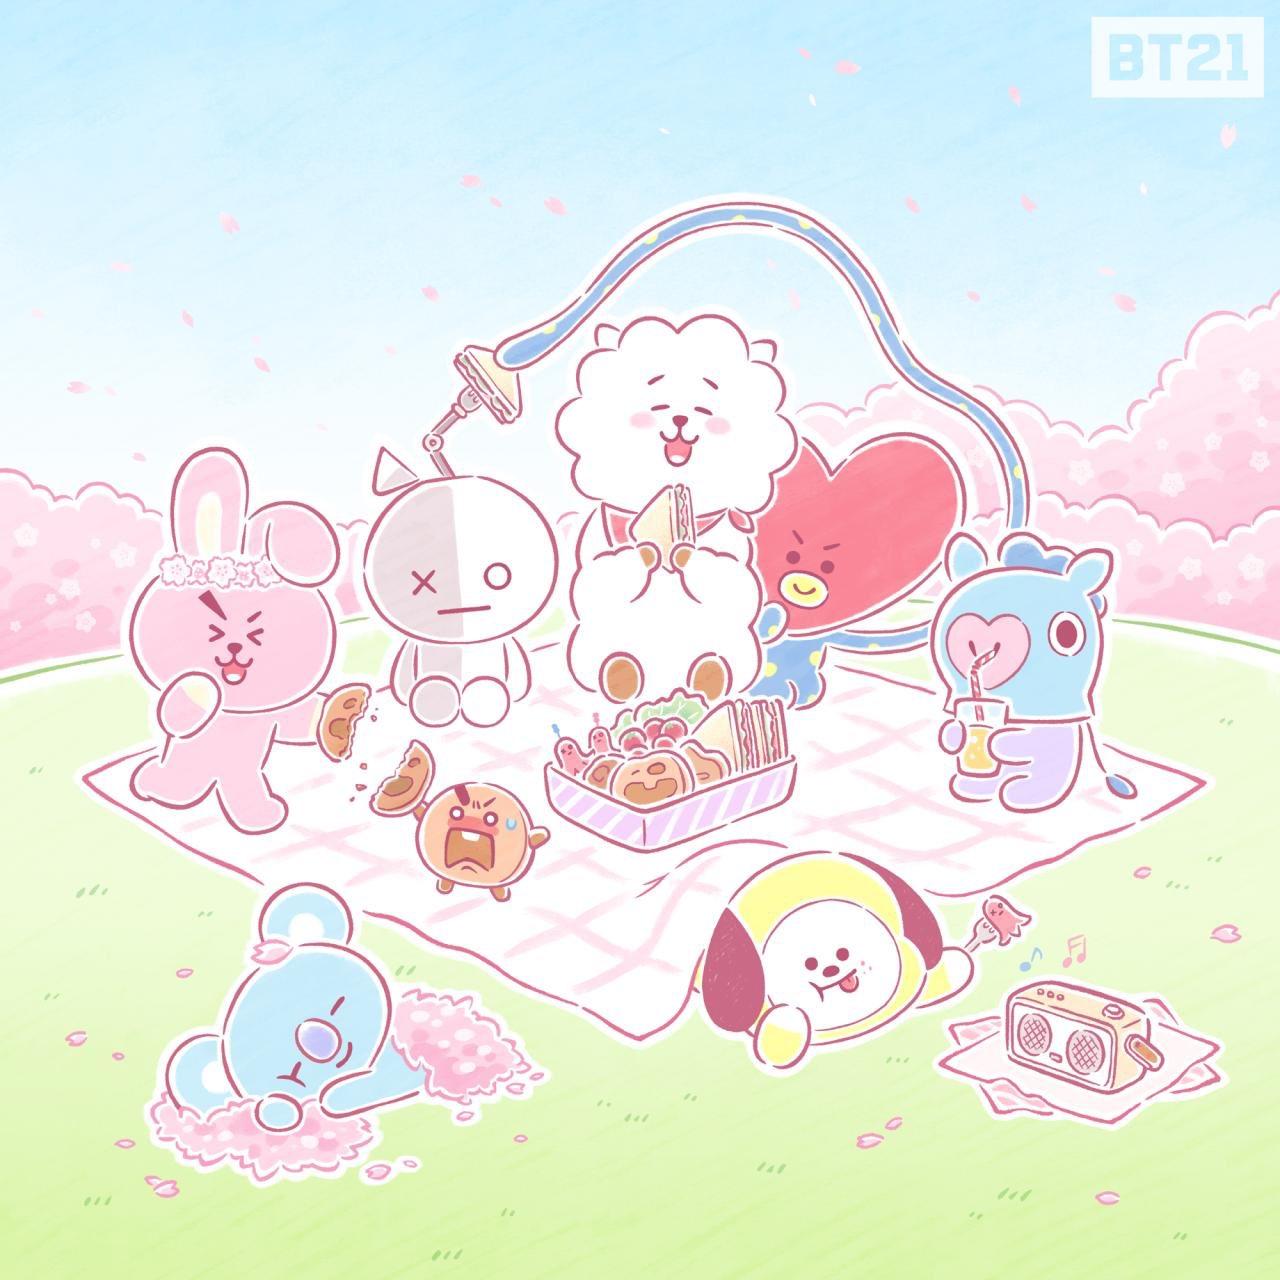 Bts Cute Wallpaper Bt21